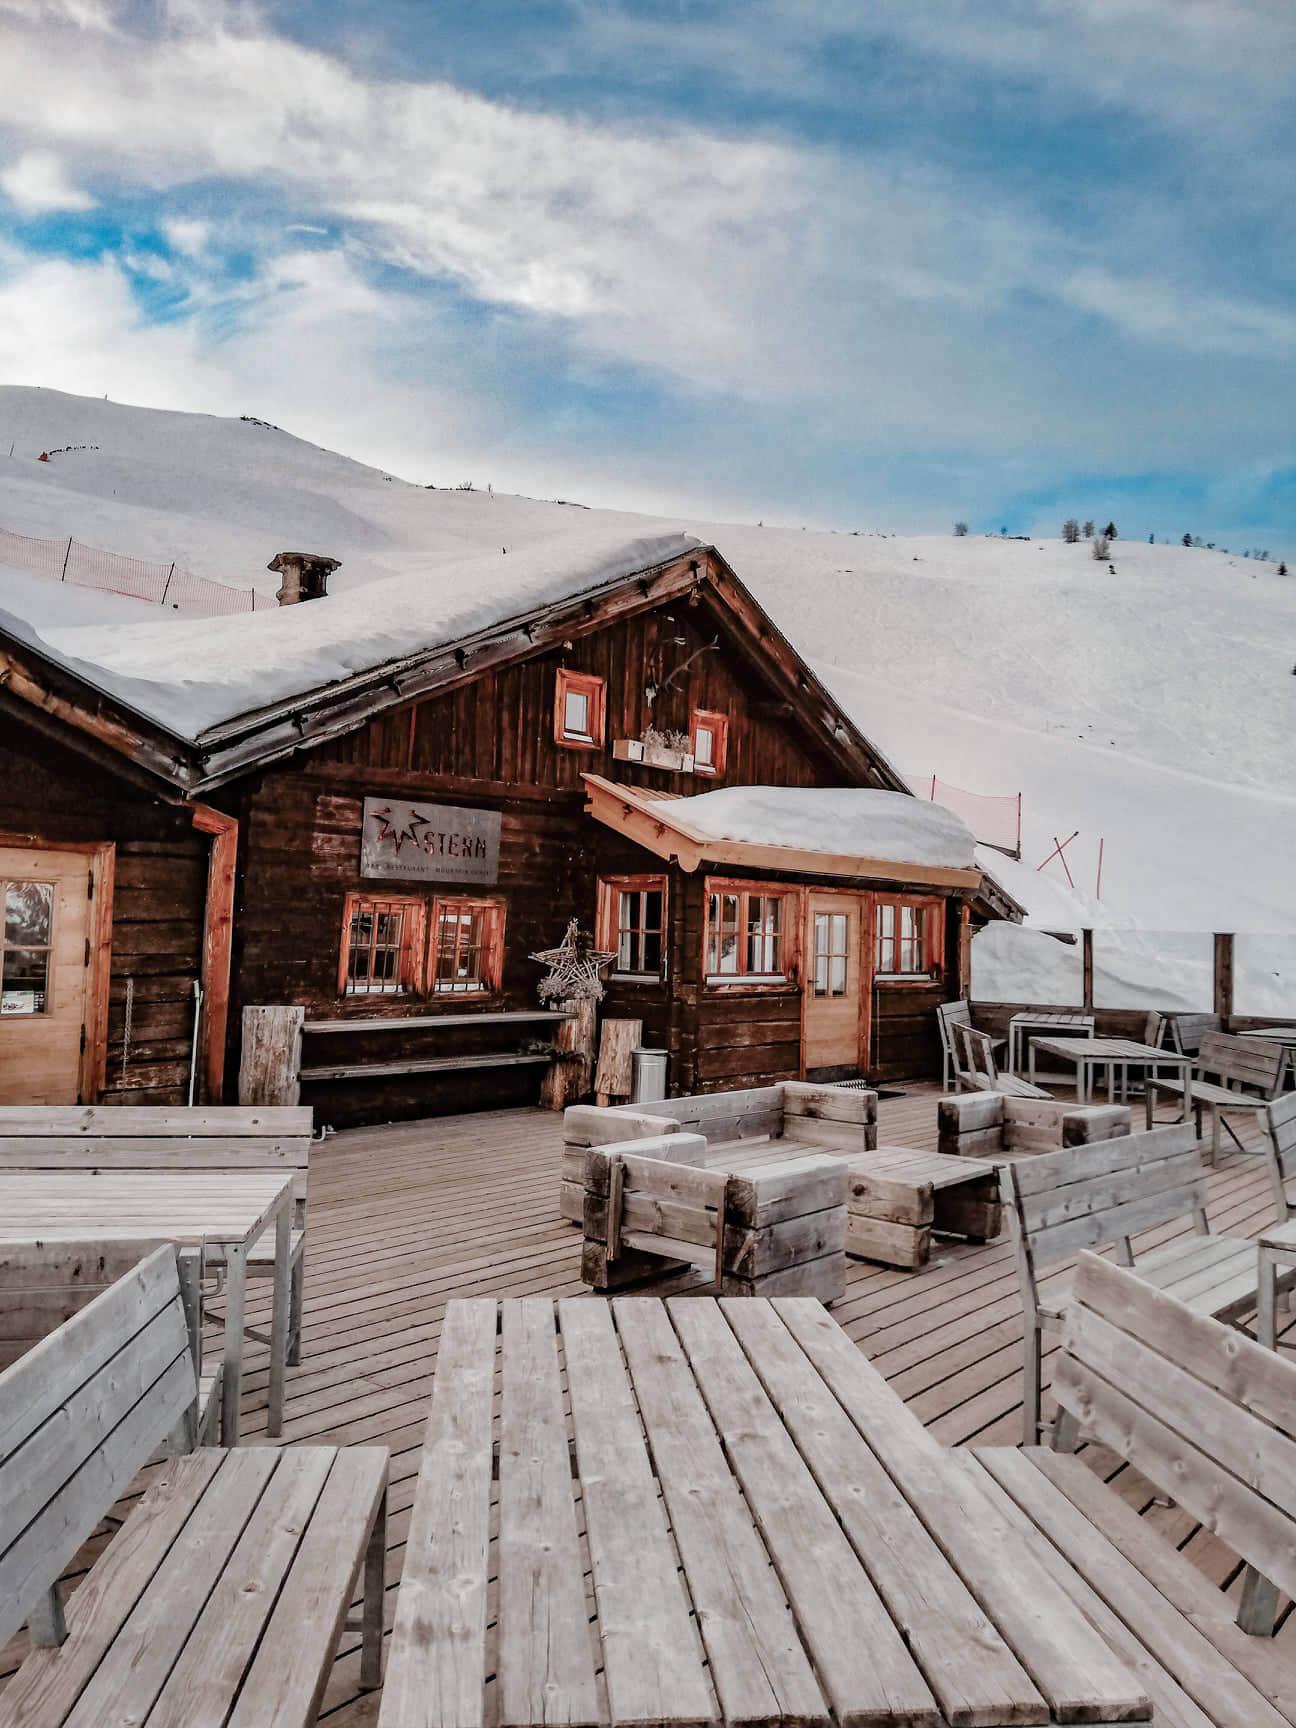 Mountain Chalet Ski fahren